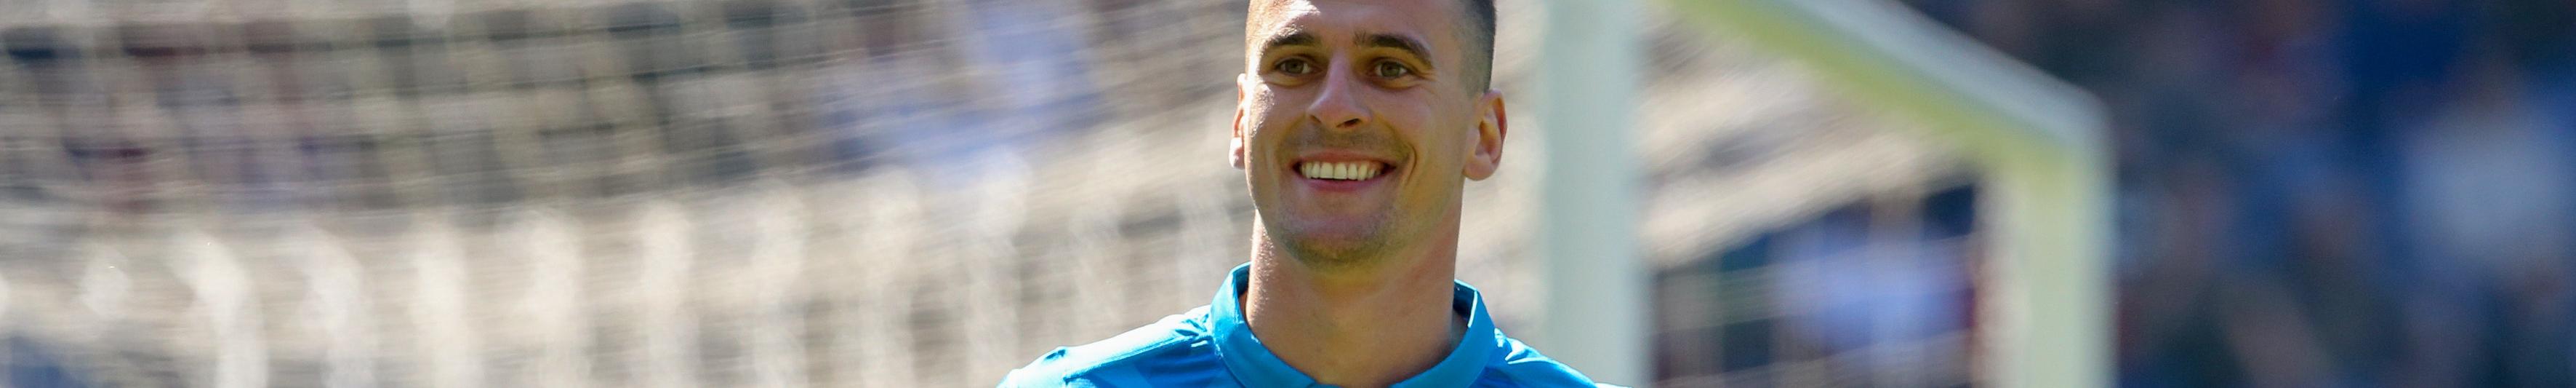 Frosinone-Napoli, azzurri per blindare il 2° posto. Ciociari ormai spacciati